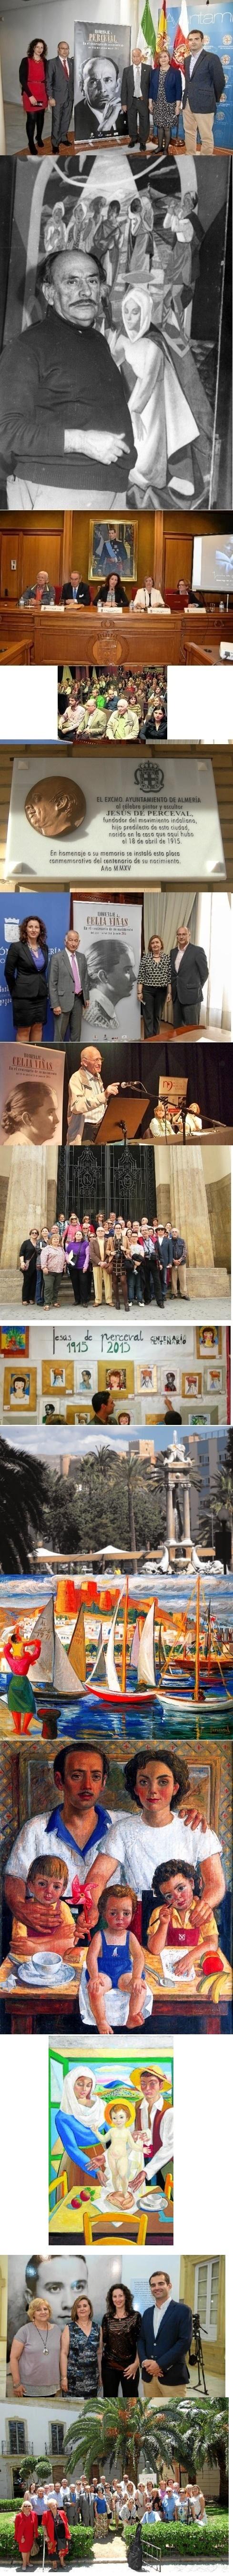 20150622072129-jesus-de-perceval-celia-vinas.jpg